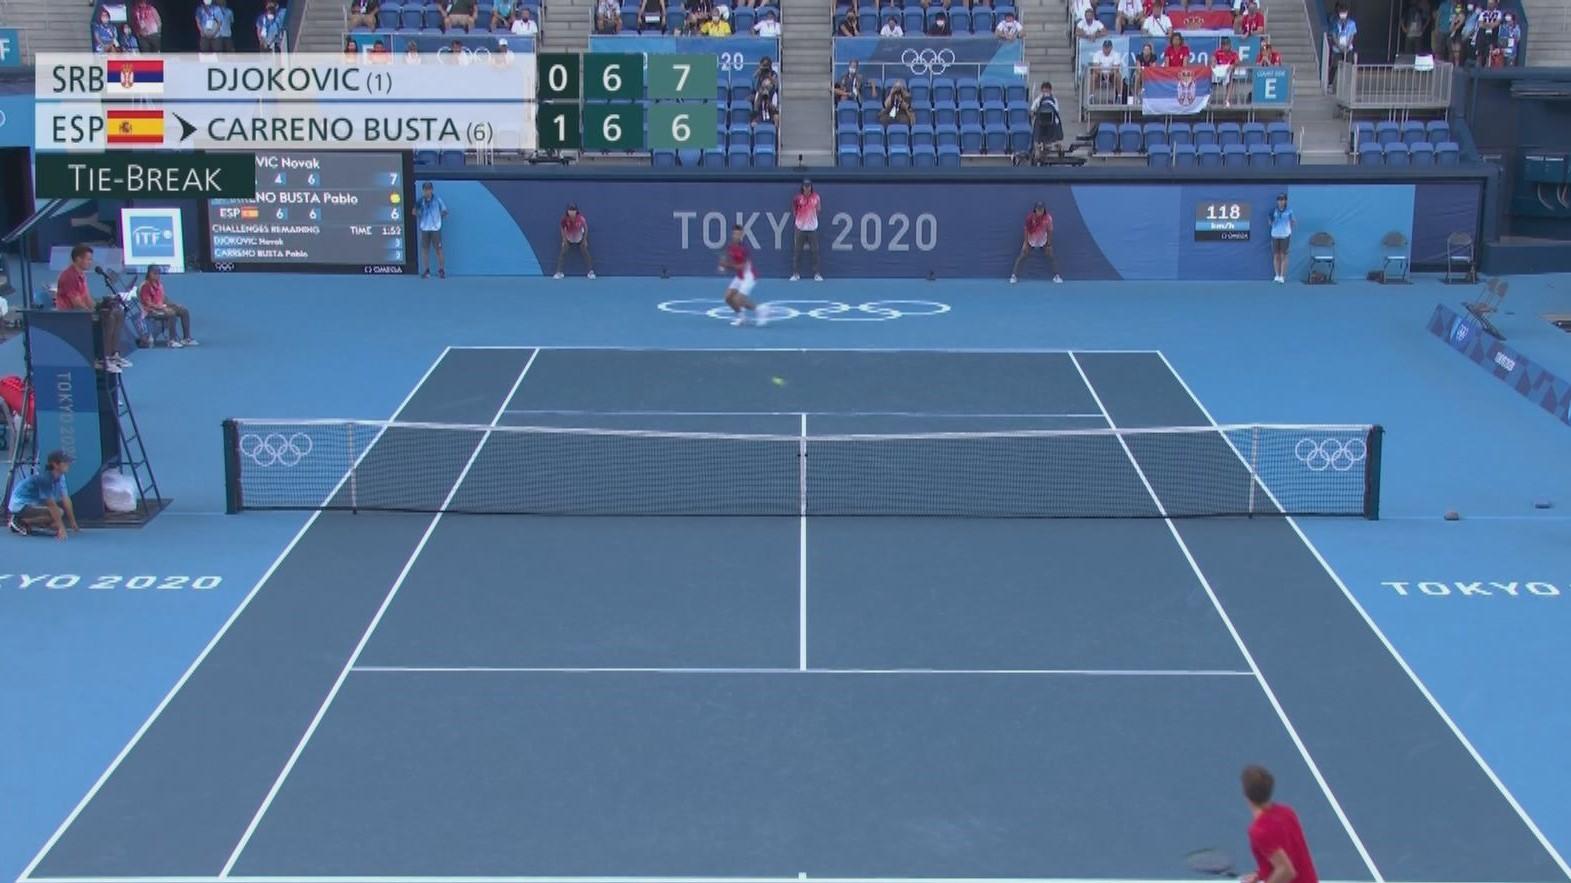 布斯達挫祖高域網球男單奪銅牌